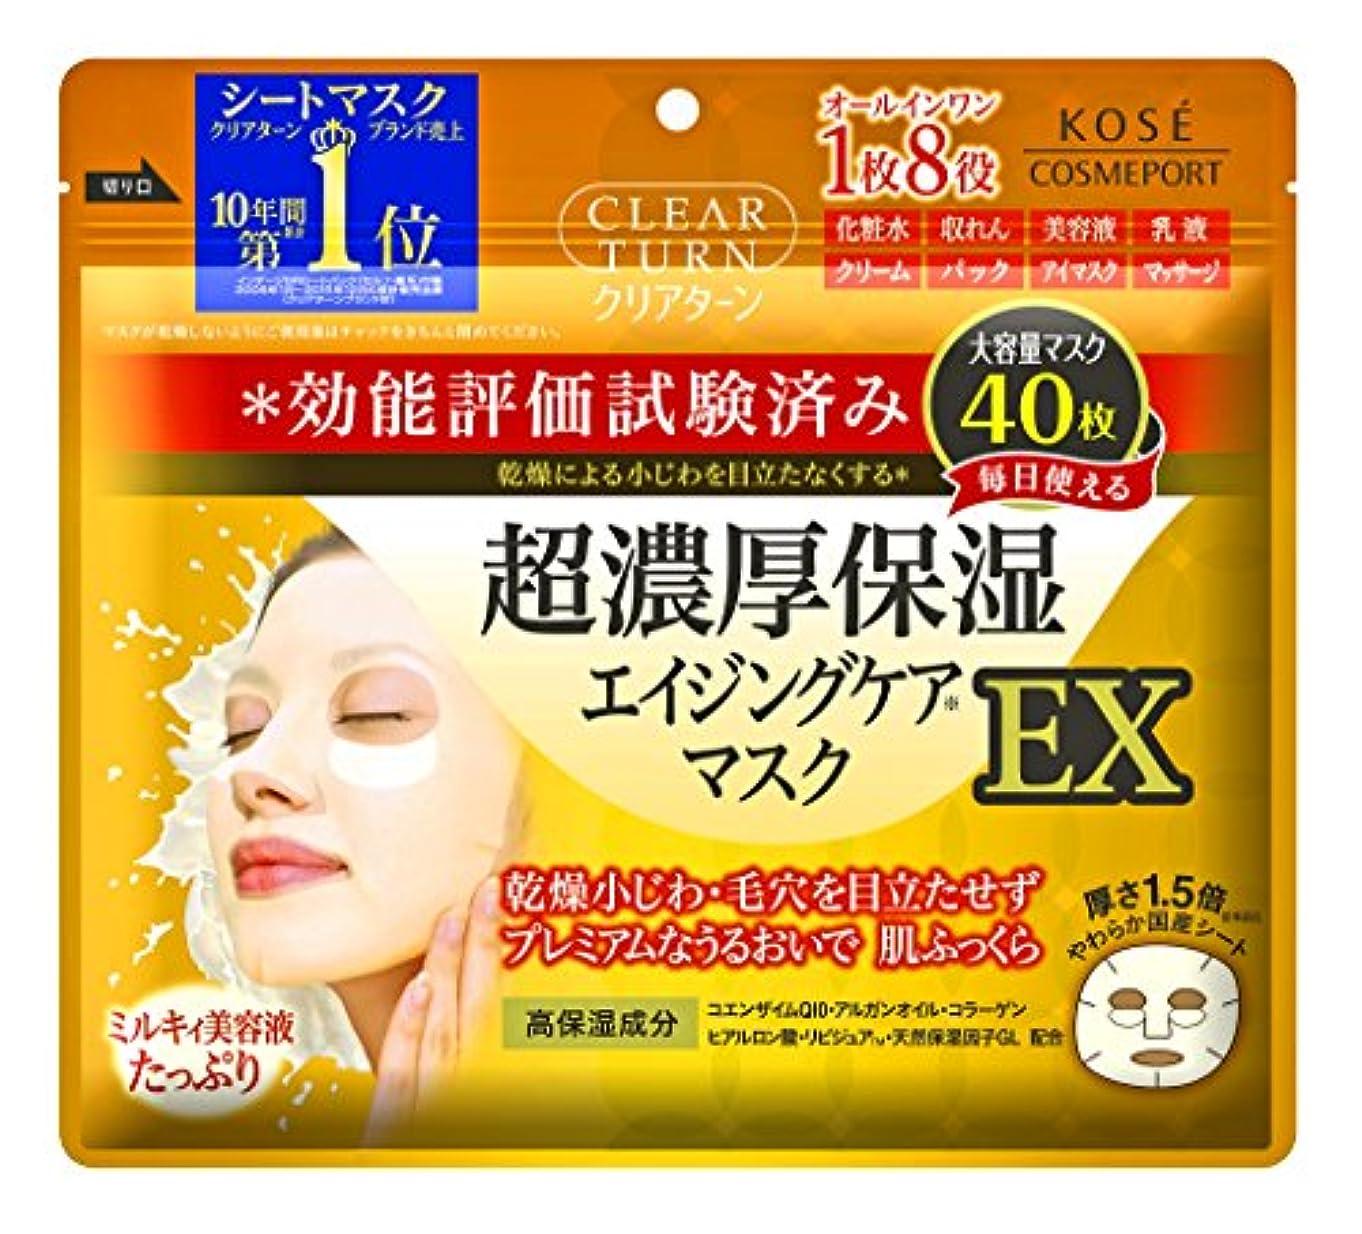 時計回りカプセル宴会KOSE コーセー クリアターン 超濃厚保湿 フェイスマスク EX 40枚入